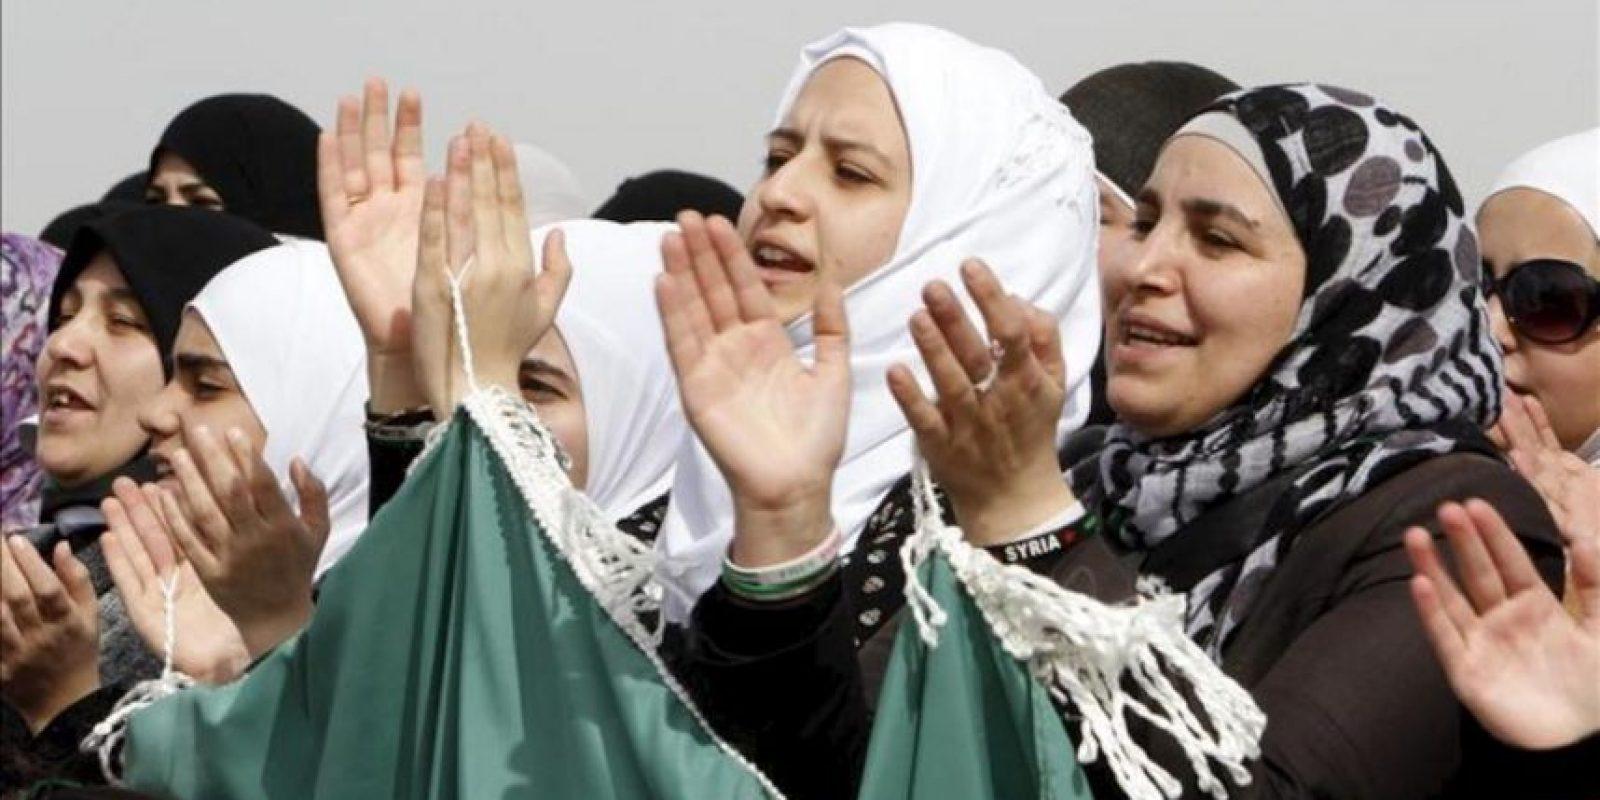 Varia mujeres sirias residentes en Jordania participan en una protesta contra el presidente sirio, Bachar Al Asad, enfrente de la embajada siria de Ammán (Jordania). EFE